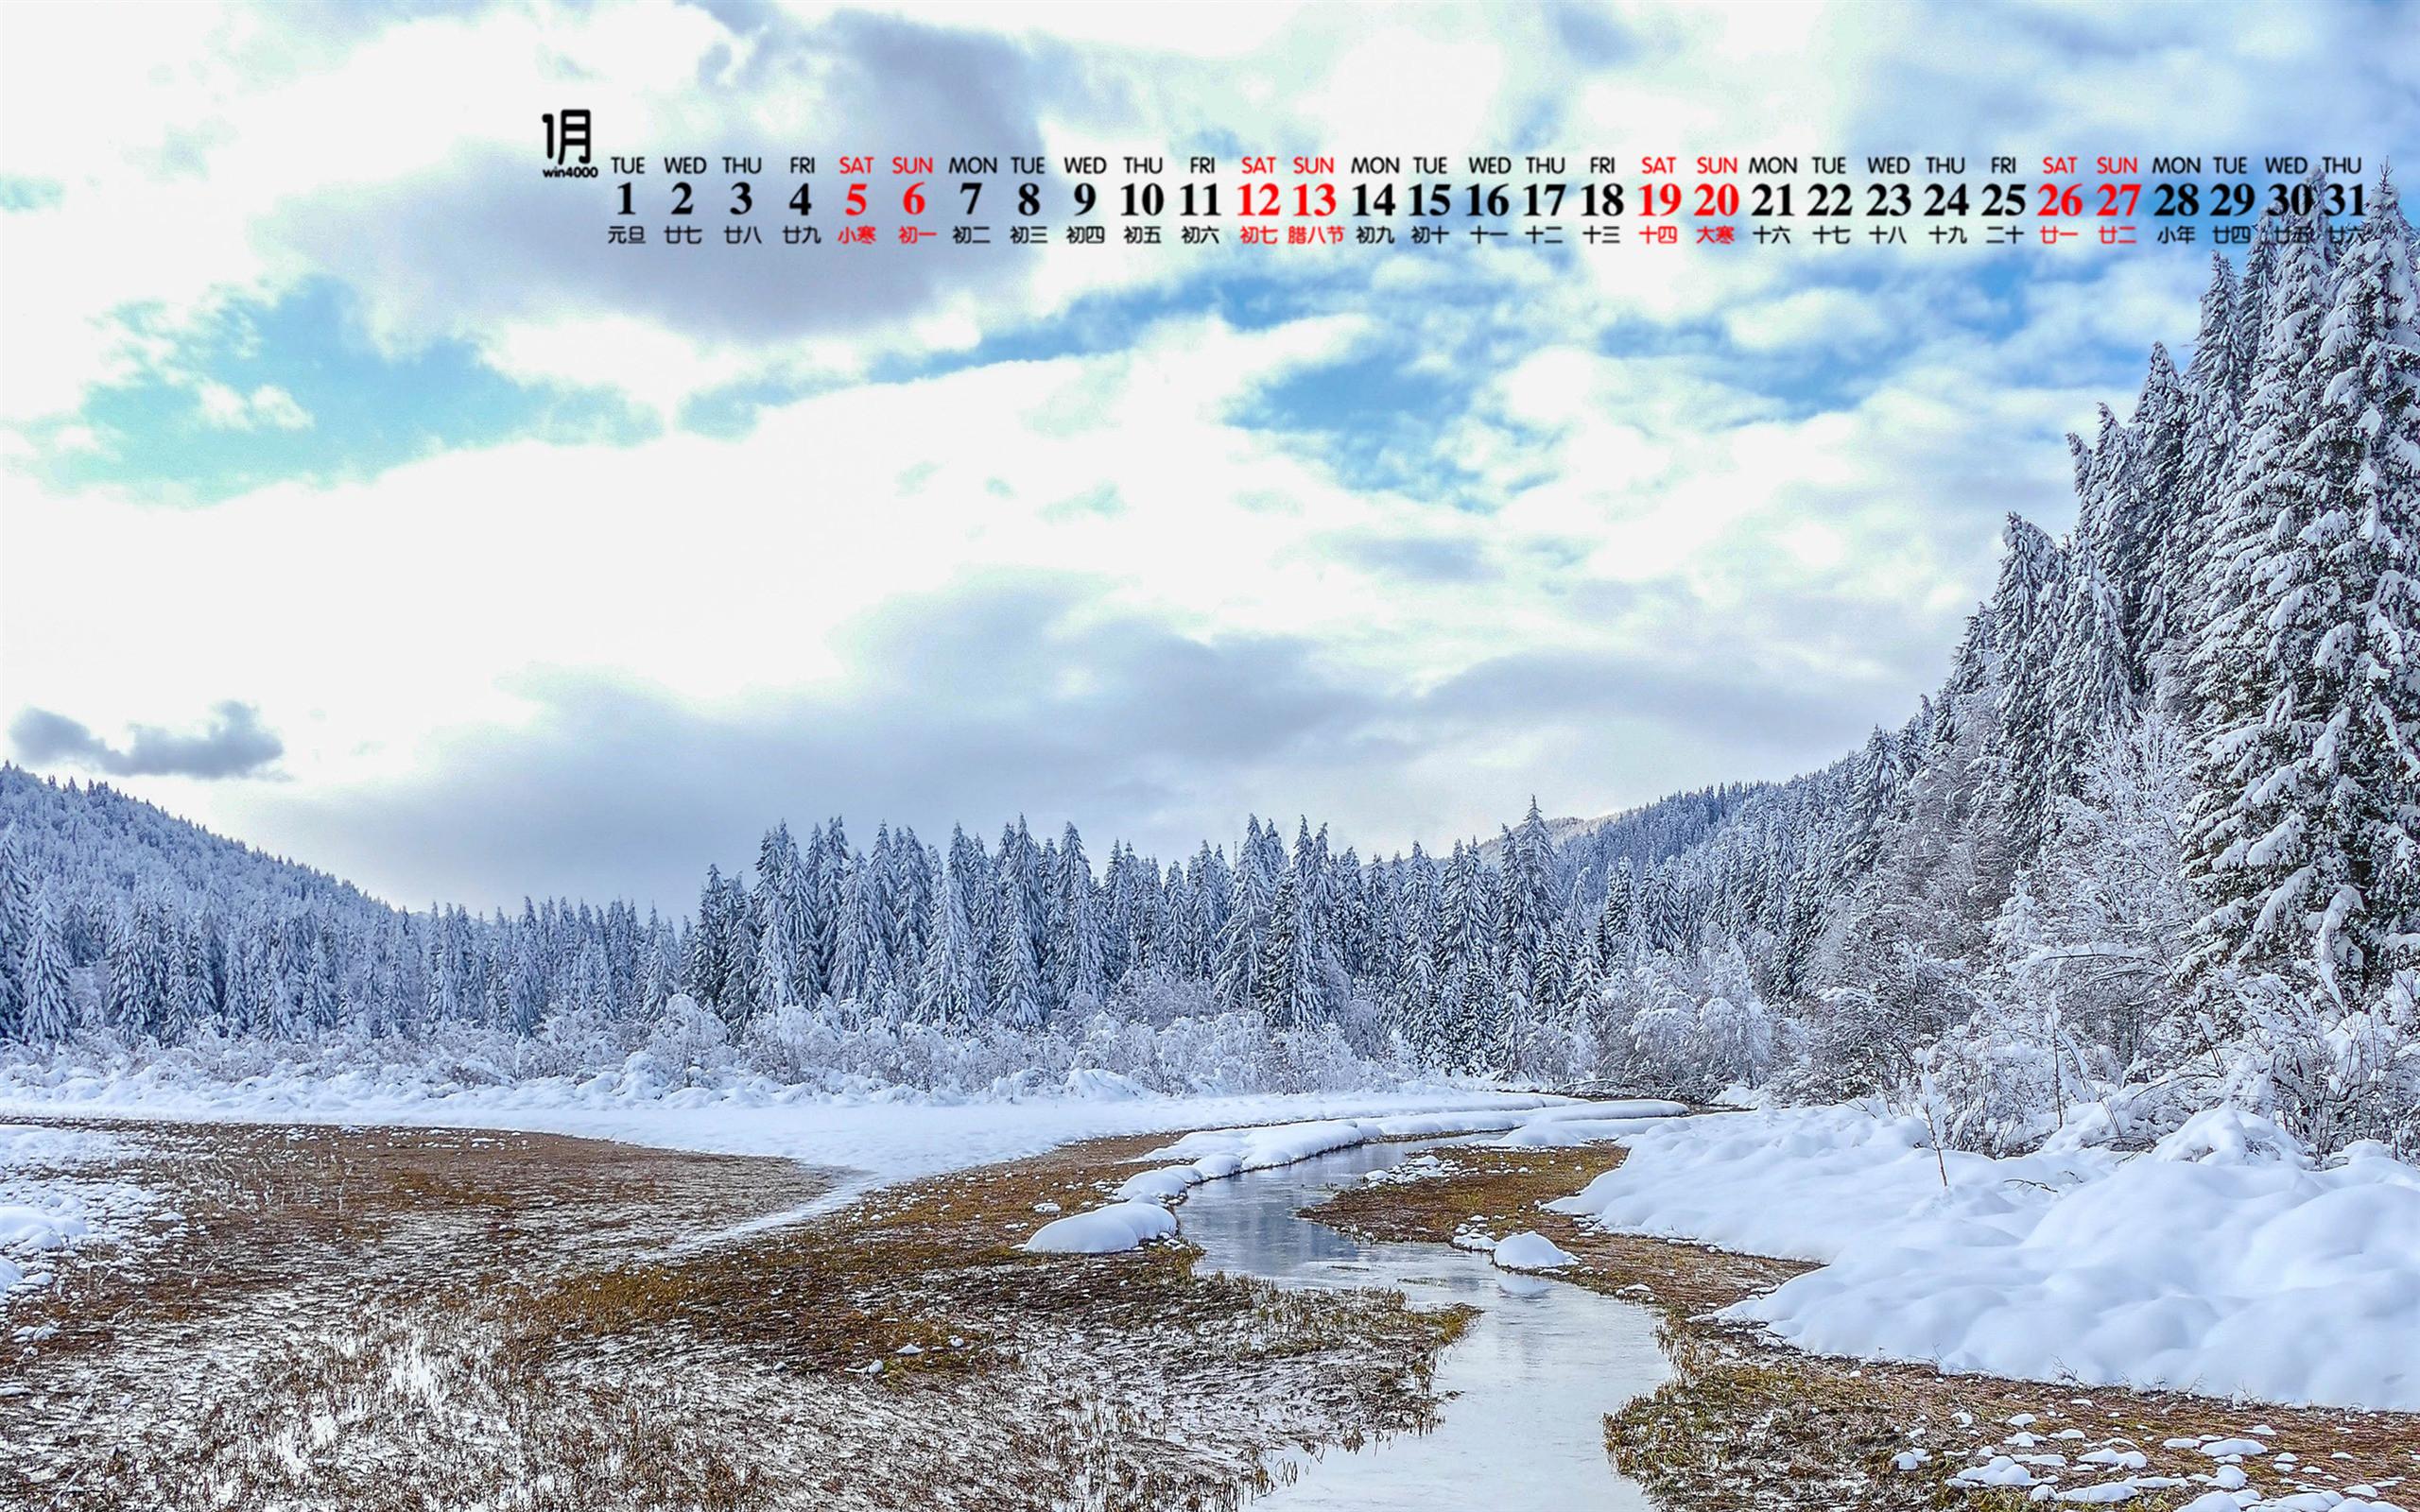 2019年1月寒冷冬日雪景唯美高清日历壁纸